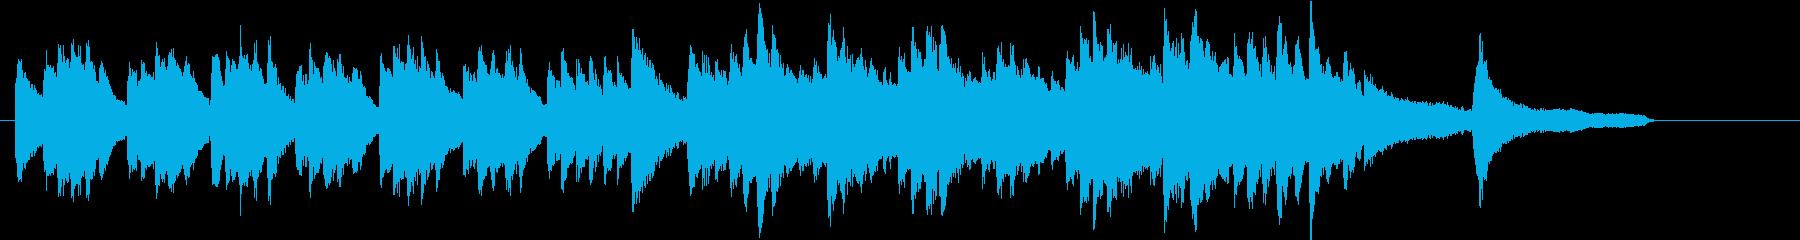 悲壮感のピアノワルツの再生済みの波形